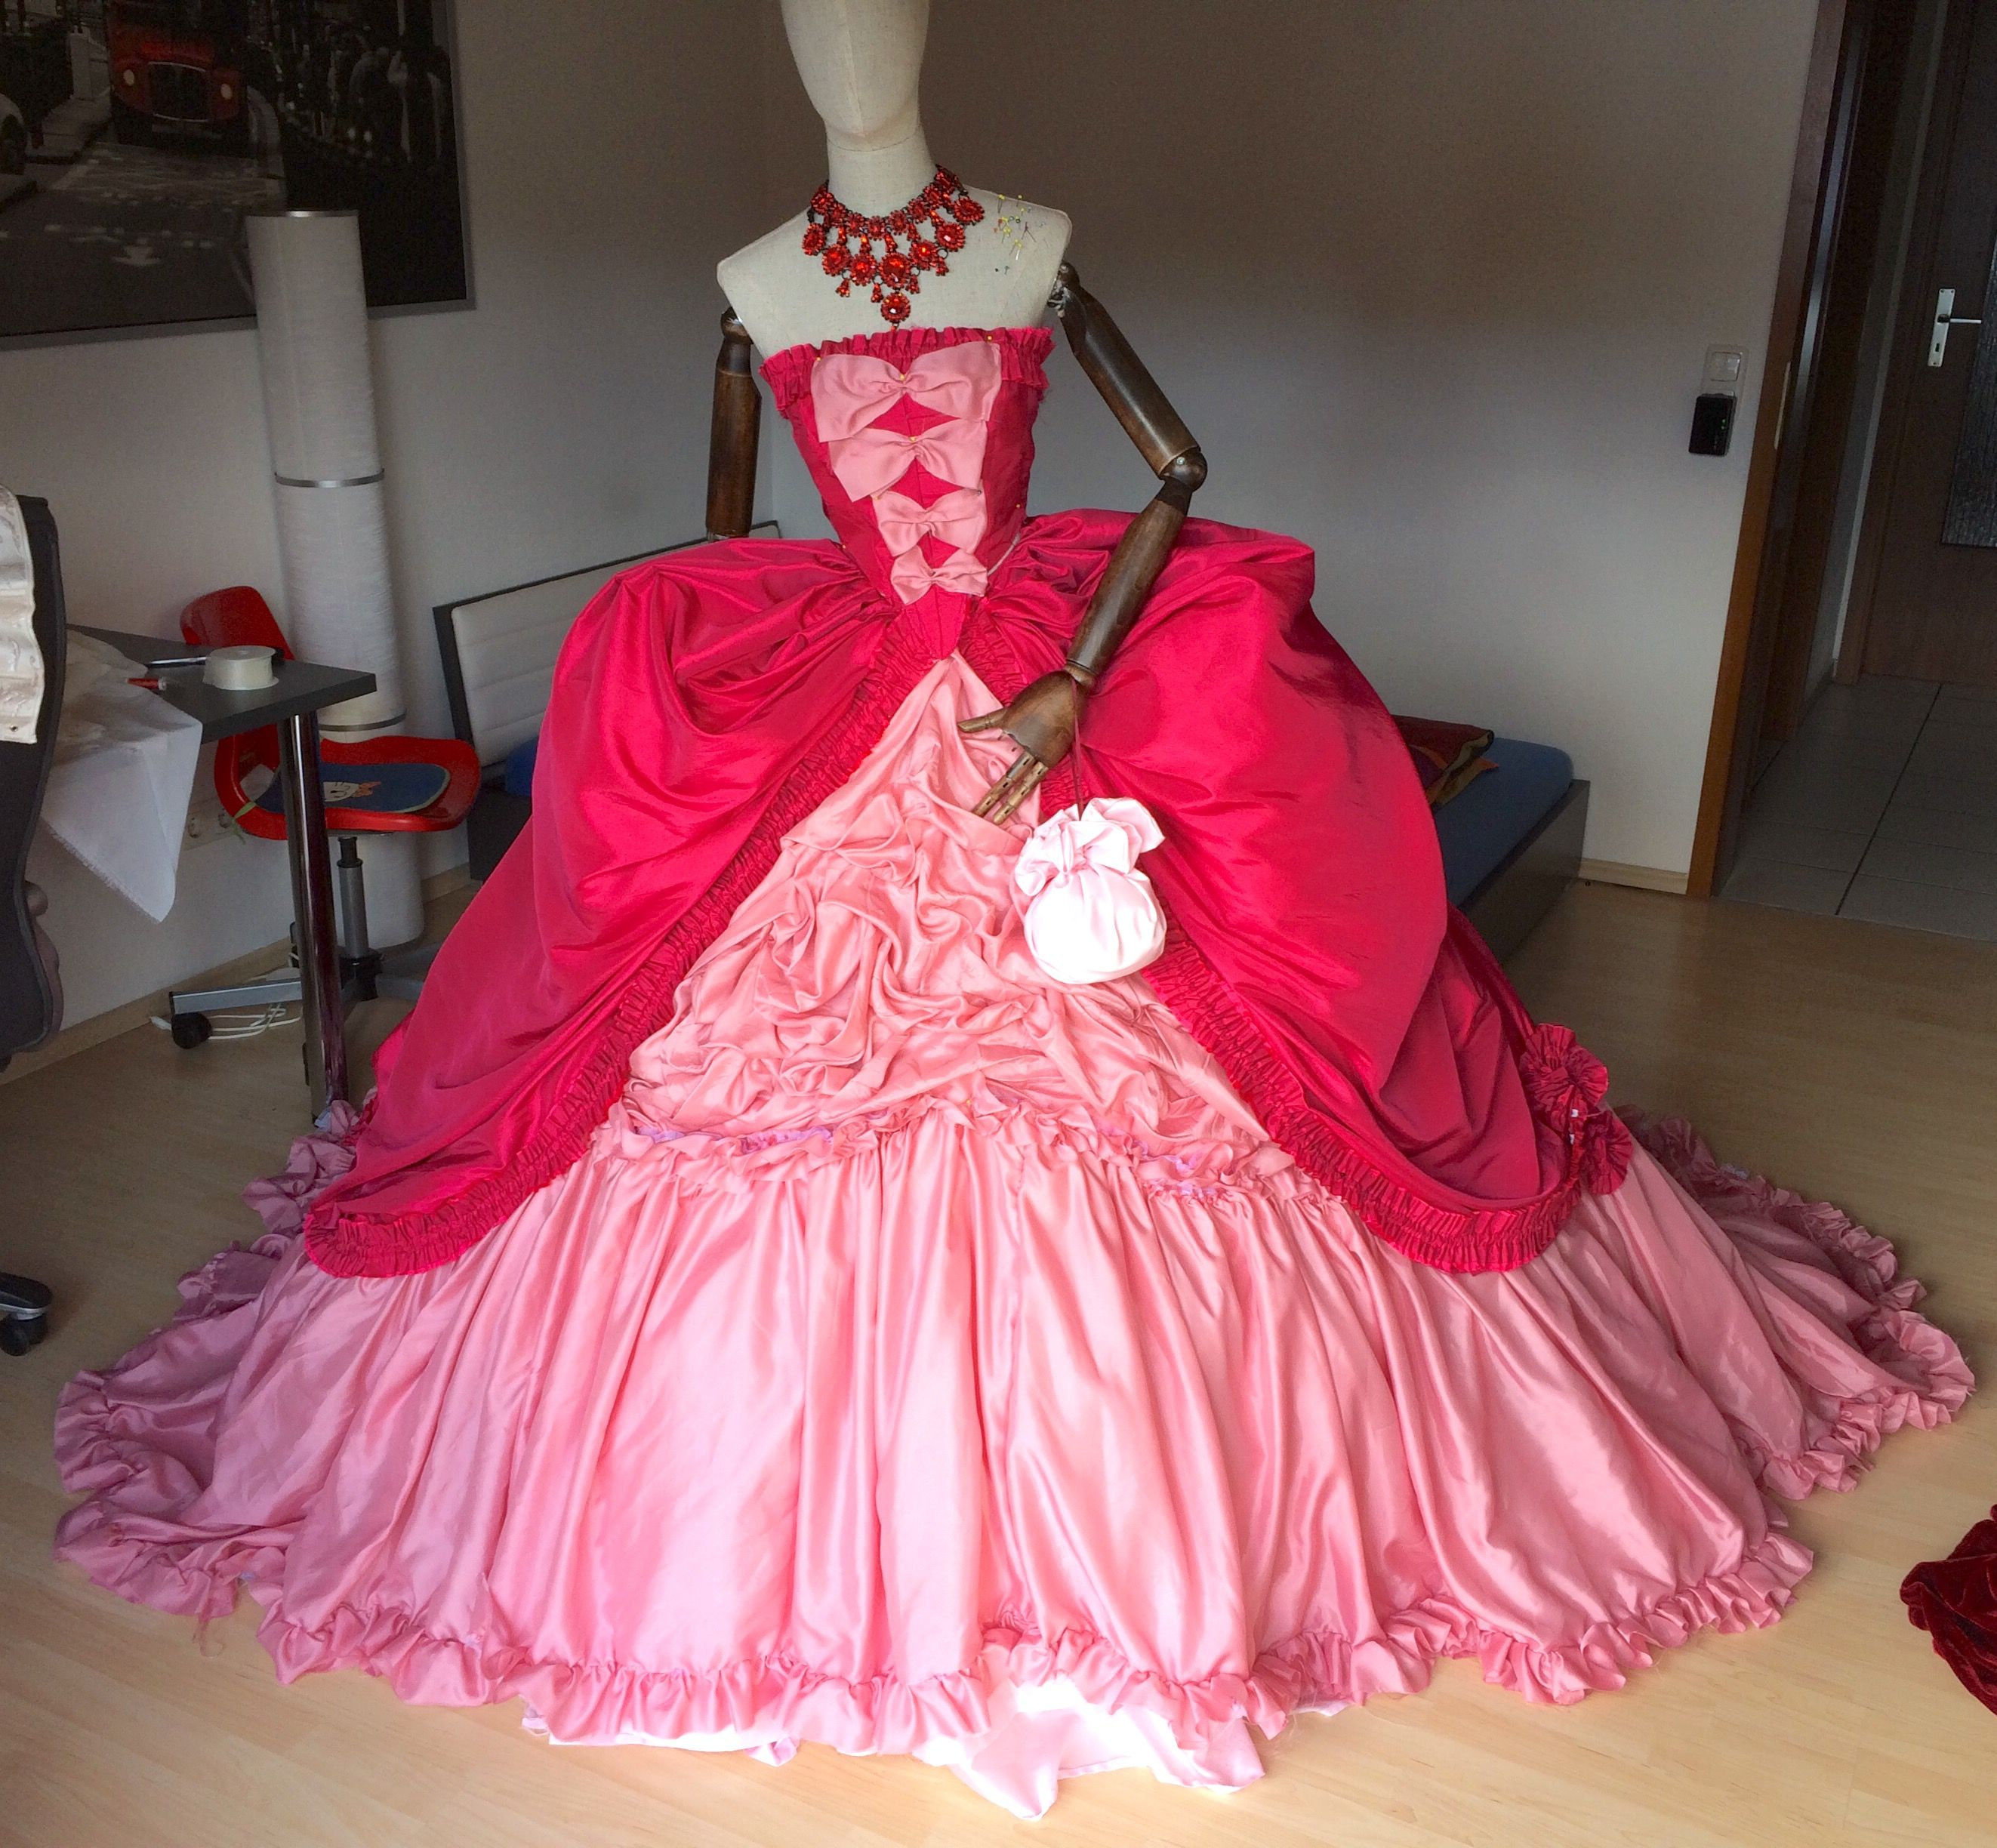 Soiree Kleid aus Saphirblau nachempfunden von Anton Krug | Liebe ...